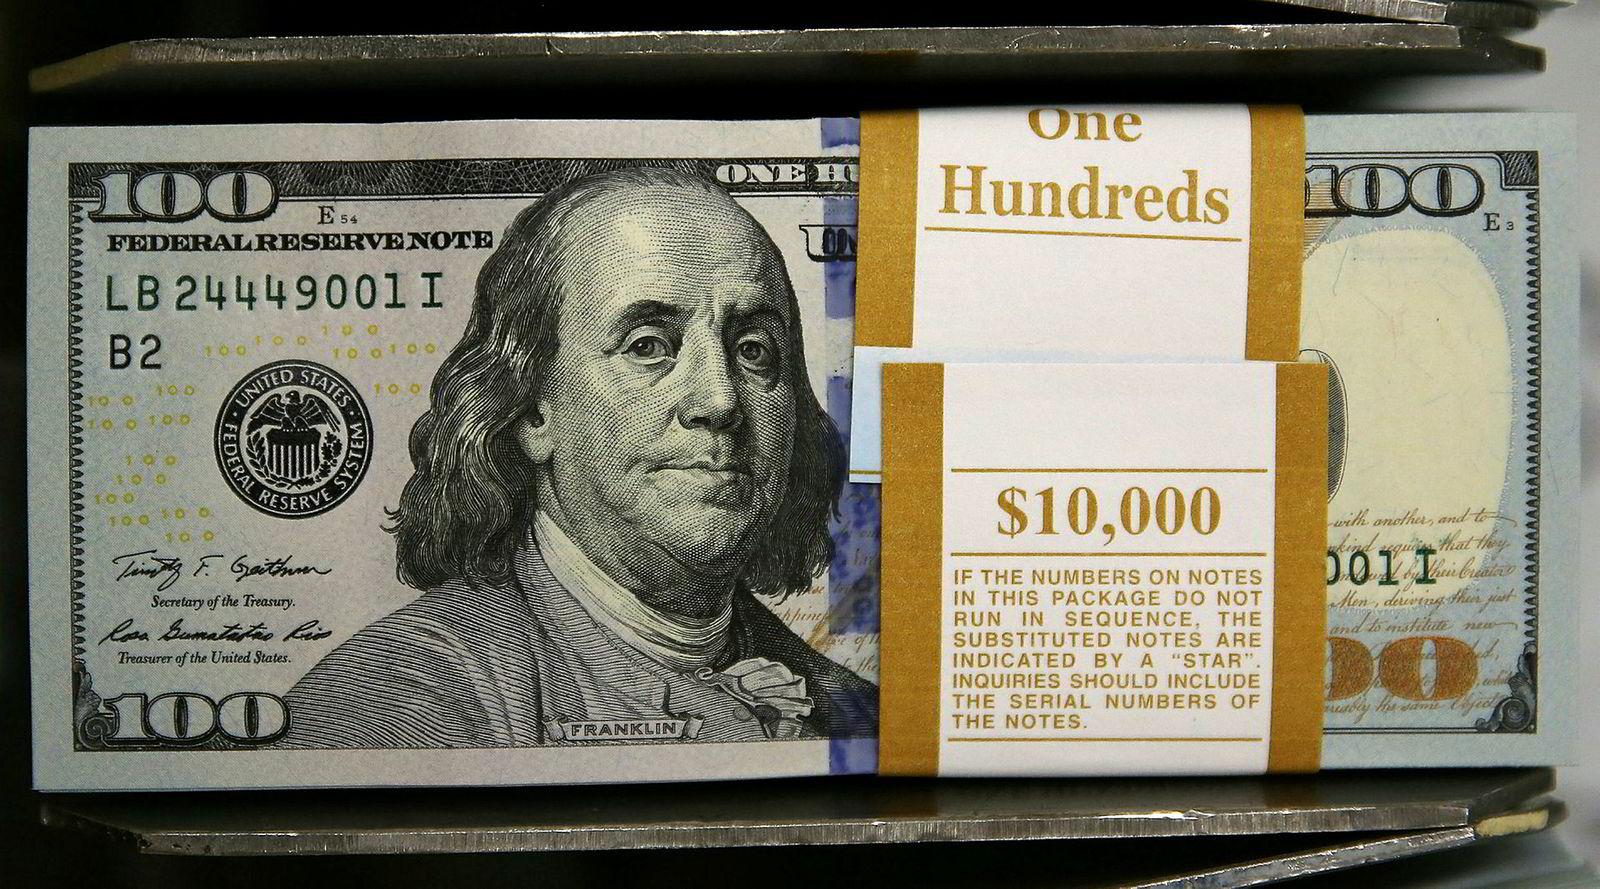 100-dollarseddelen, her etter redesignet i 2013, som med mikrotrykk og nye vannmerker skal gjøre forfalskninger vanskeligere.